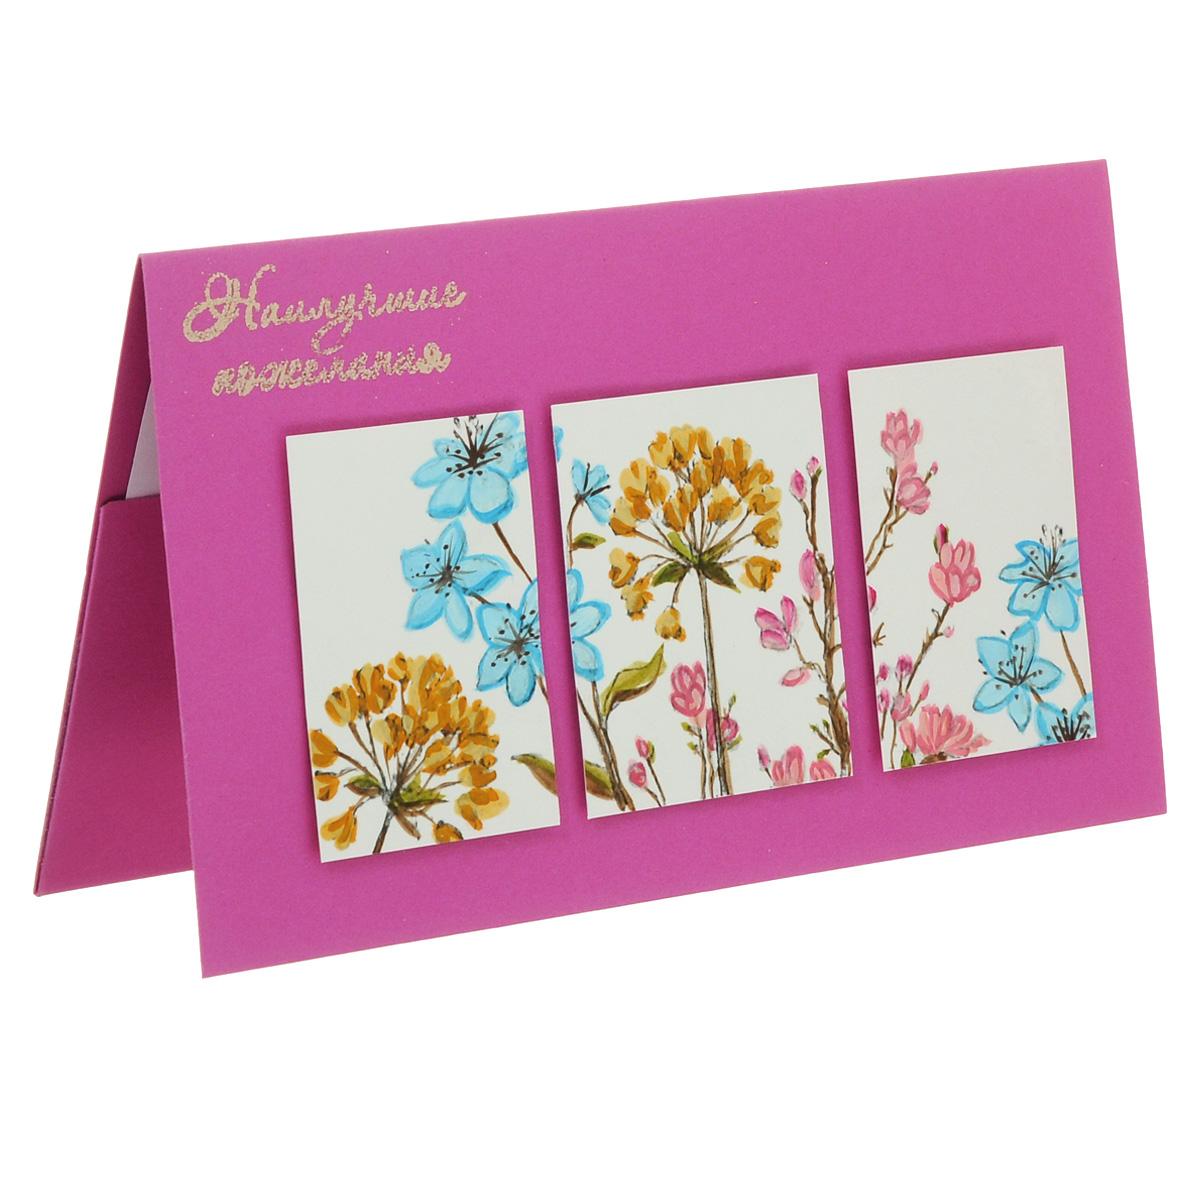 ОЖ-0024Открытка-конверт «Наилучшие пожелания» (триптих розовый). Студия «Тётя Роза»514-977Характеристики: Размер 19 см x 11 см.Материал: Высоко-художественный картон, бумага, декор. Данная открытка может стать как прекрасным дополнением к вашему подарку, так и самостоятельным подарком. Так как открытка является и конвертом, в который вы можете вложить ваш денежный подарок или просто написать ваши пожелания на вкладыше. Дизайн этой открытки сложился из использования рукописного триптиха с цветочным мотивом полевых трав. В простоте решения этого поздравления заложена выразительность восприятия. Цветы прорисованы вручную акриловыми красками. Надпись выполнена в технике горячего термоподъема. Также открытка упакована в пакетик для сохранности.Обращаем Ваше внимание на то, что открытка может незначительно отличаться от представленной на фото.Открытки ручной работы от студии Тётя Роза отличаются своим неповторимым и ярким стилем. Каждая уникальна и выполнена вручную мастерами студии. (Открытка для мужчин, открытка для женщины, открытка на день рождения, открытка с днем свадьбы, открытка винтаж, открытка с юбилеем, открытка на все случаи, скрапбукинг)